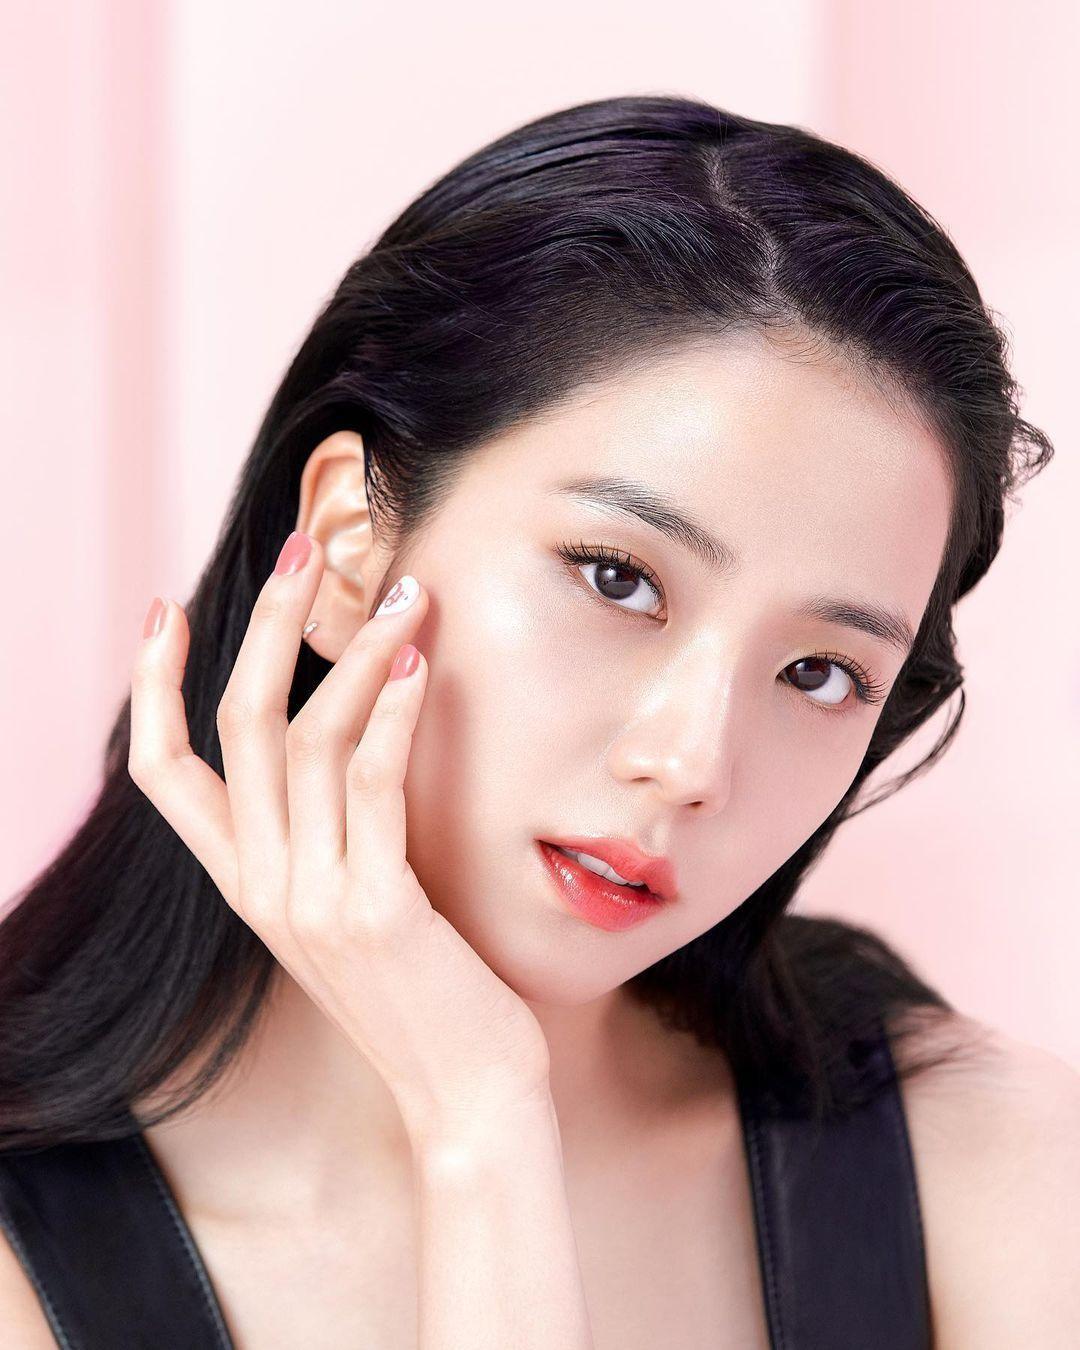 Jisoo BLACKPINK xuất hiện trở lại quảng bá cho Dior, soi kỹ thỏi son mới thấy điều bất ngờ ảnh 1